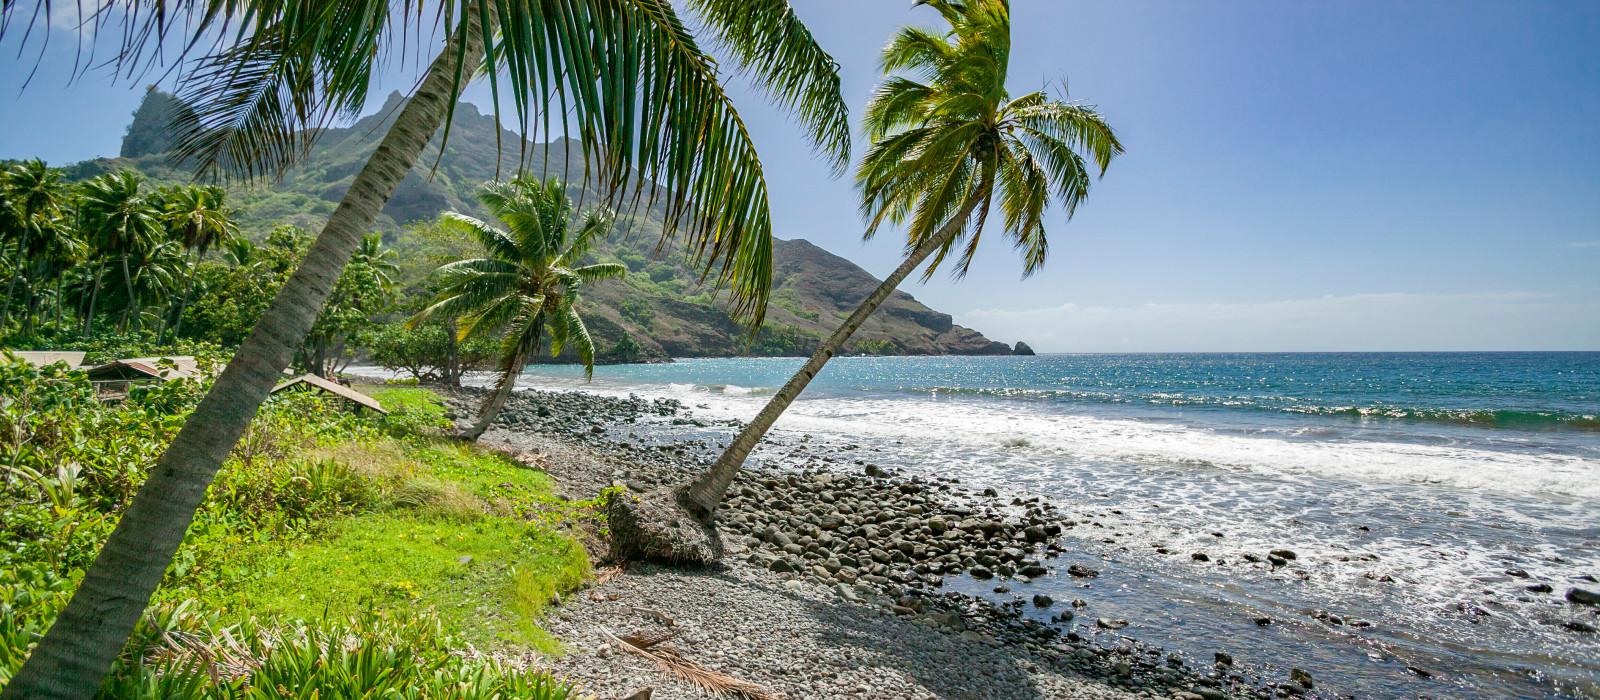 Reiseziel Hiva Oa Französisch Polynesien